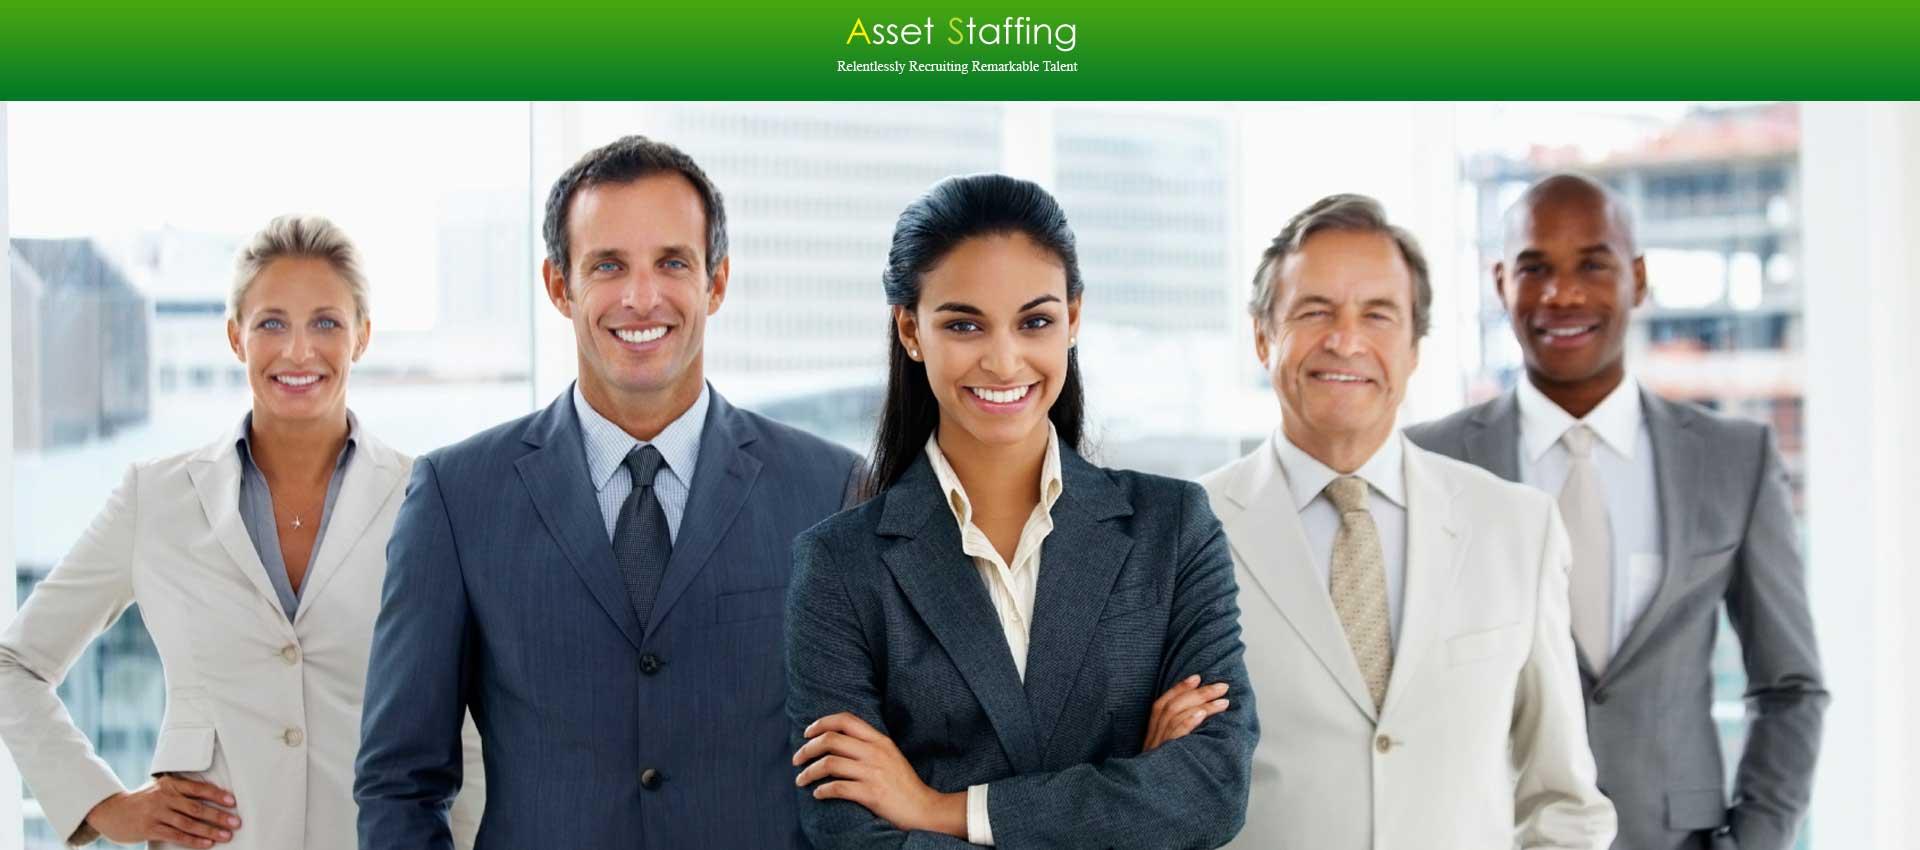 Thông tin tổng quan, khó khăn và kết quả đạt được của dự án Asset Staffing